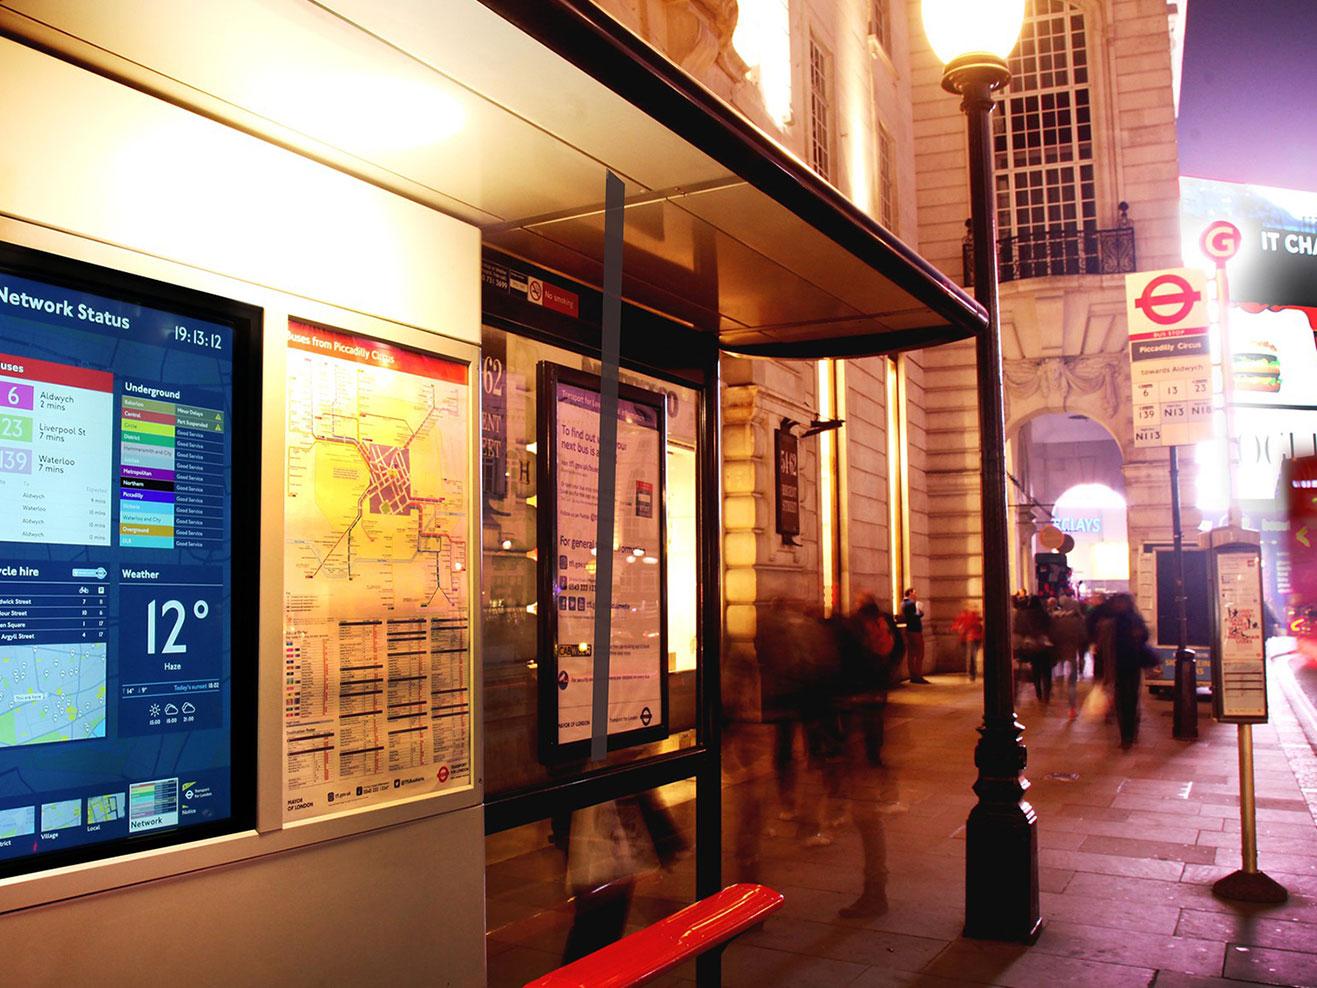 倫敦地圖-11張倫敦實用地圖整理:夜間巴士地圖